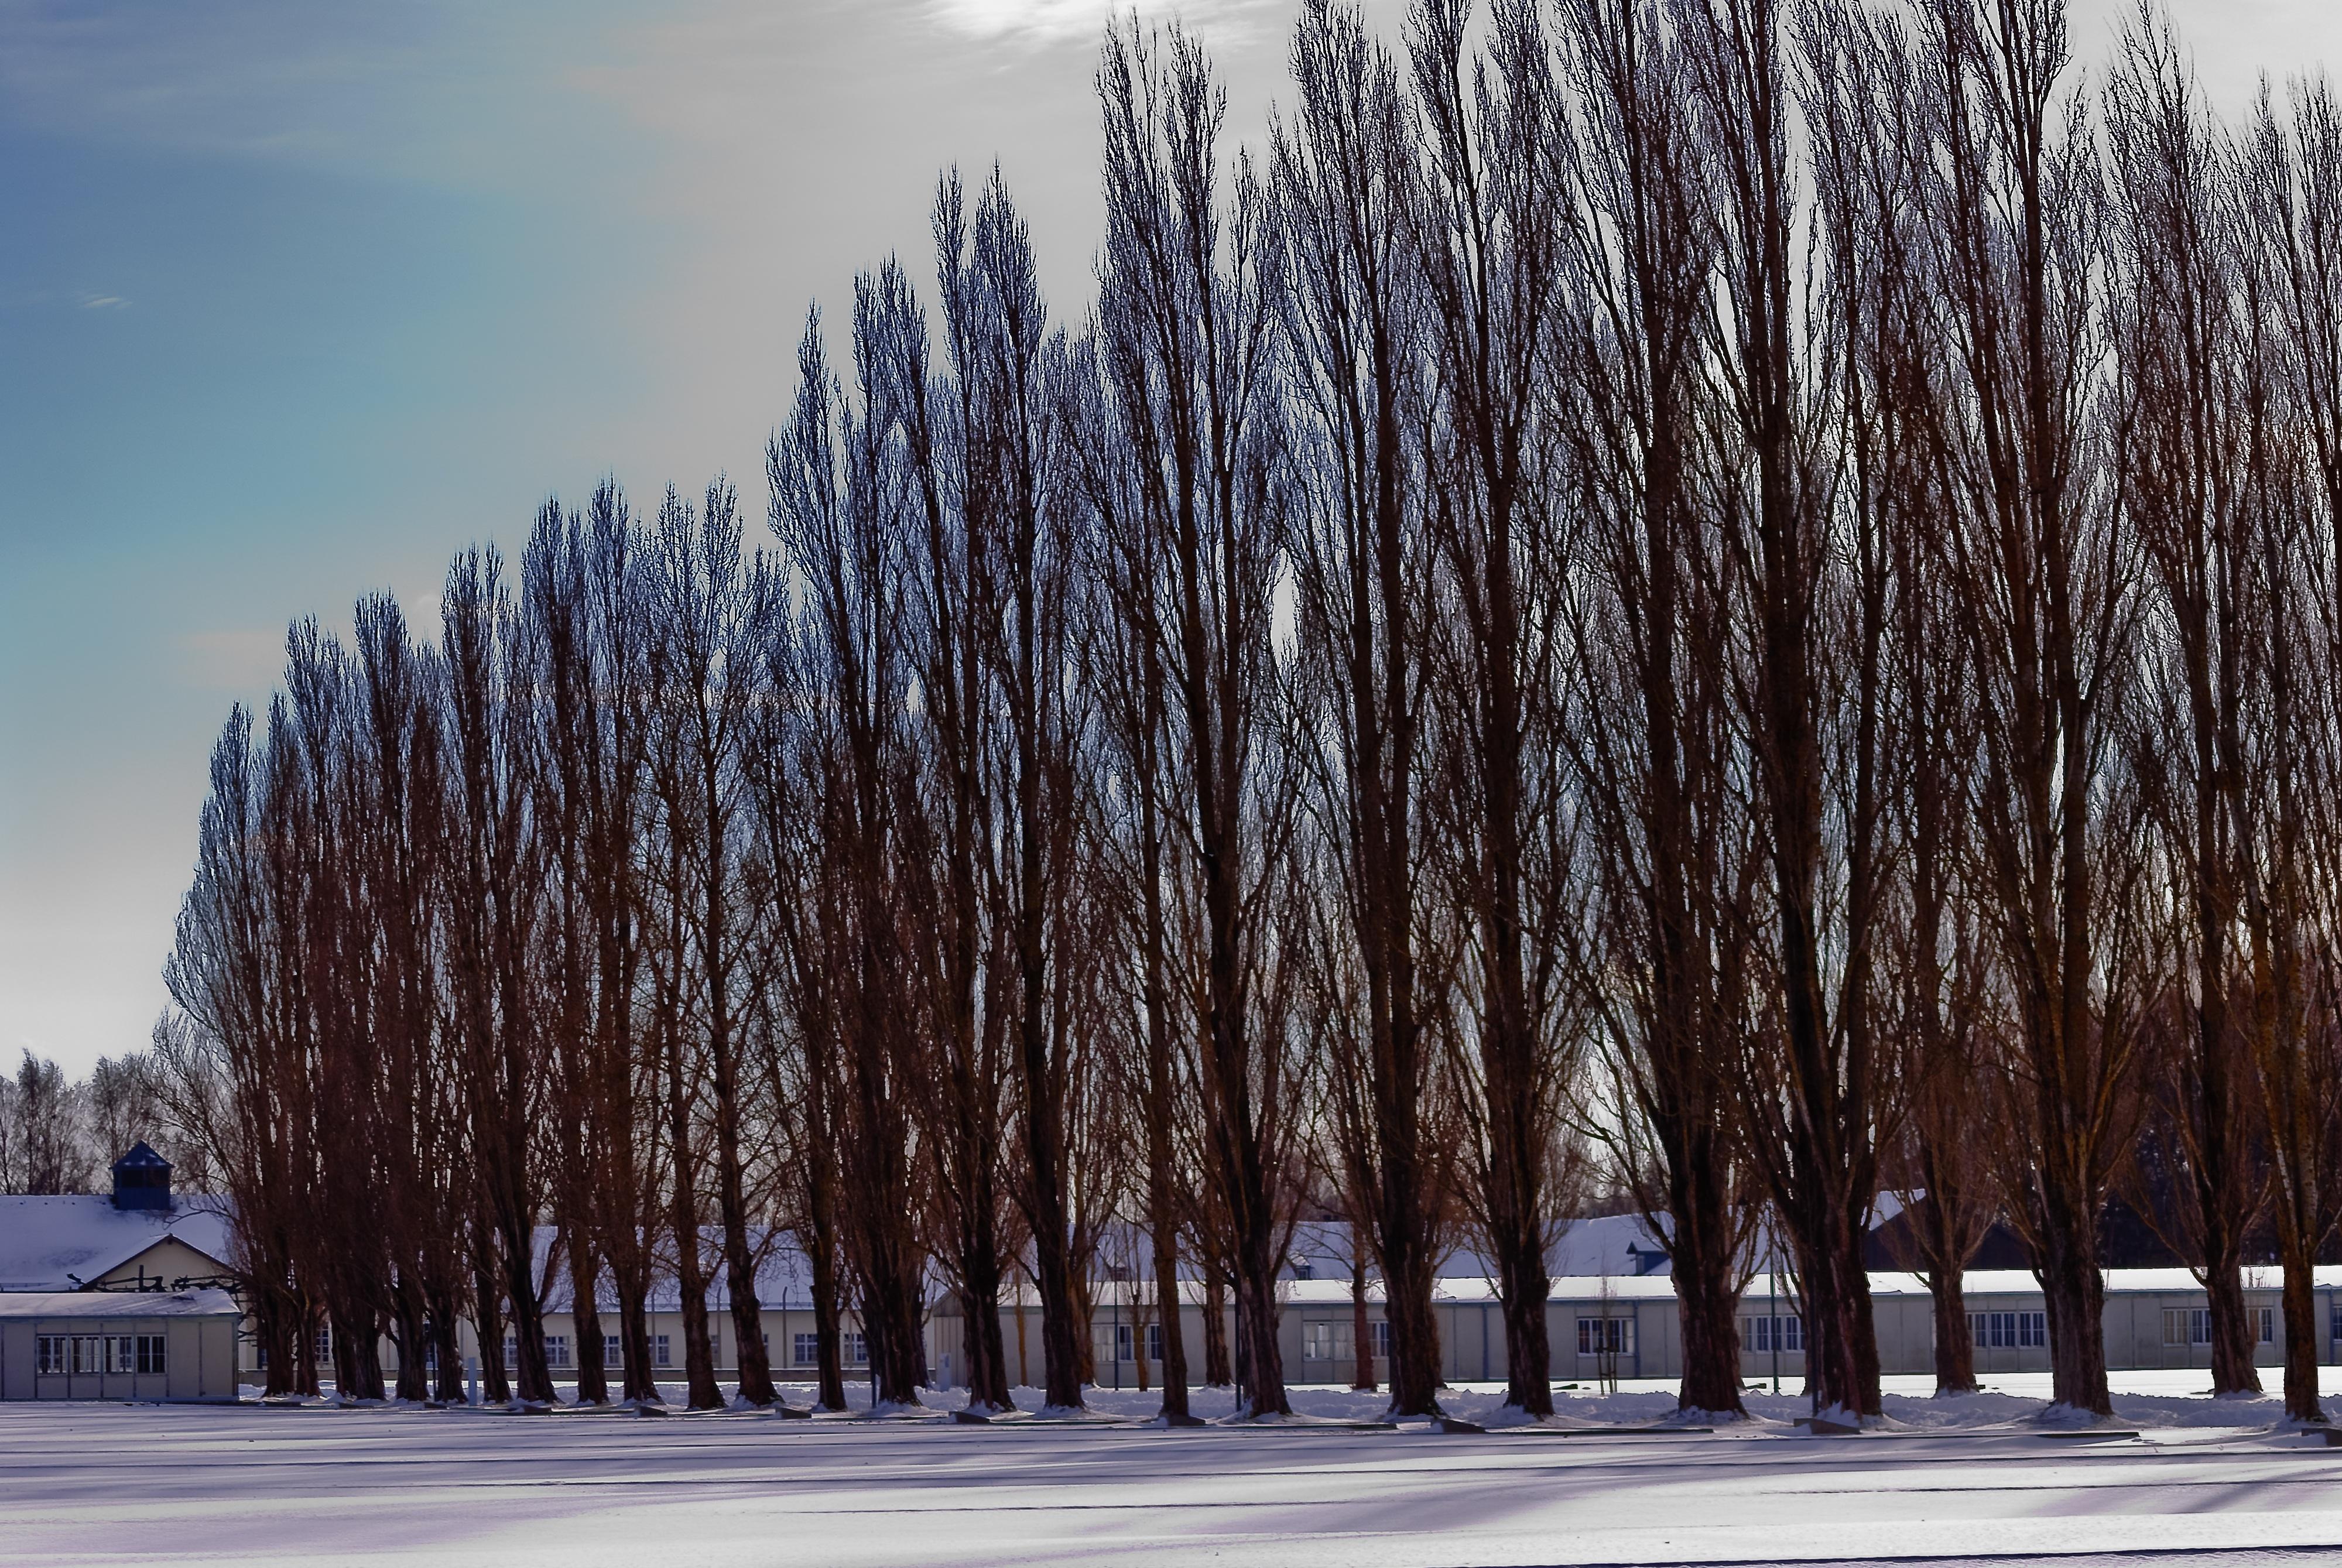 Kostenlose foto : Baum, Schnee, kalt, Winter, Stacheldraht, Himmel ...